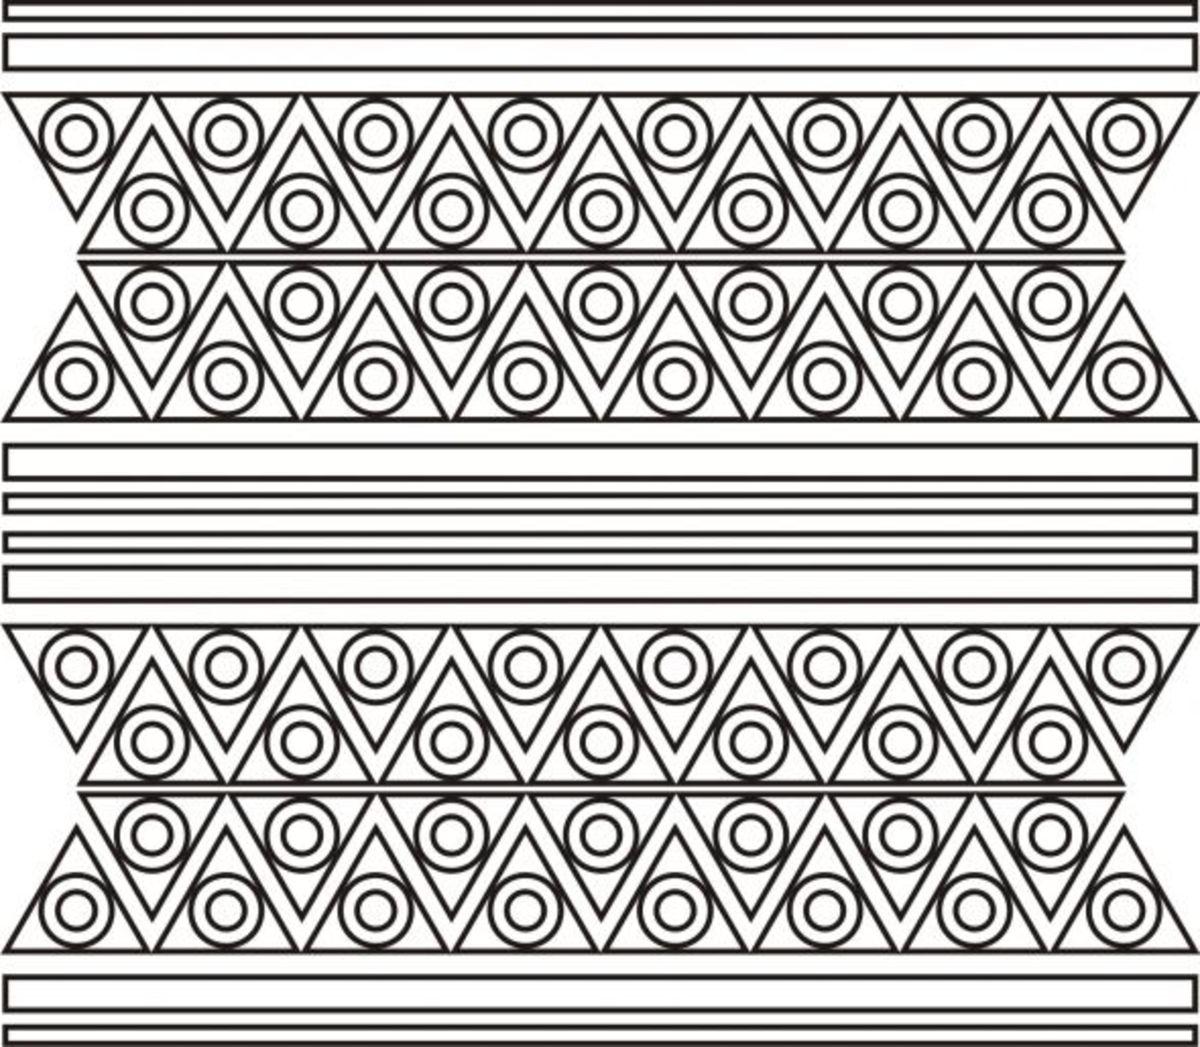 batik geometric pattern